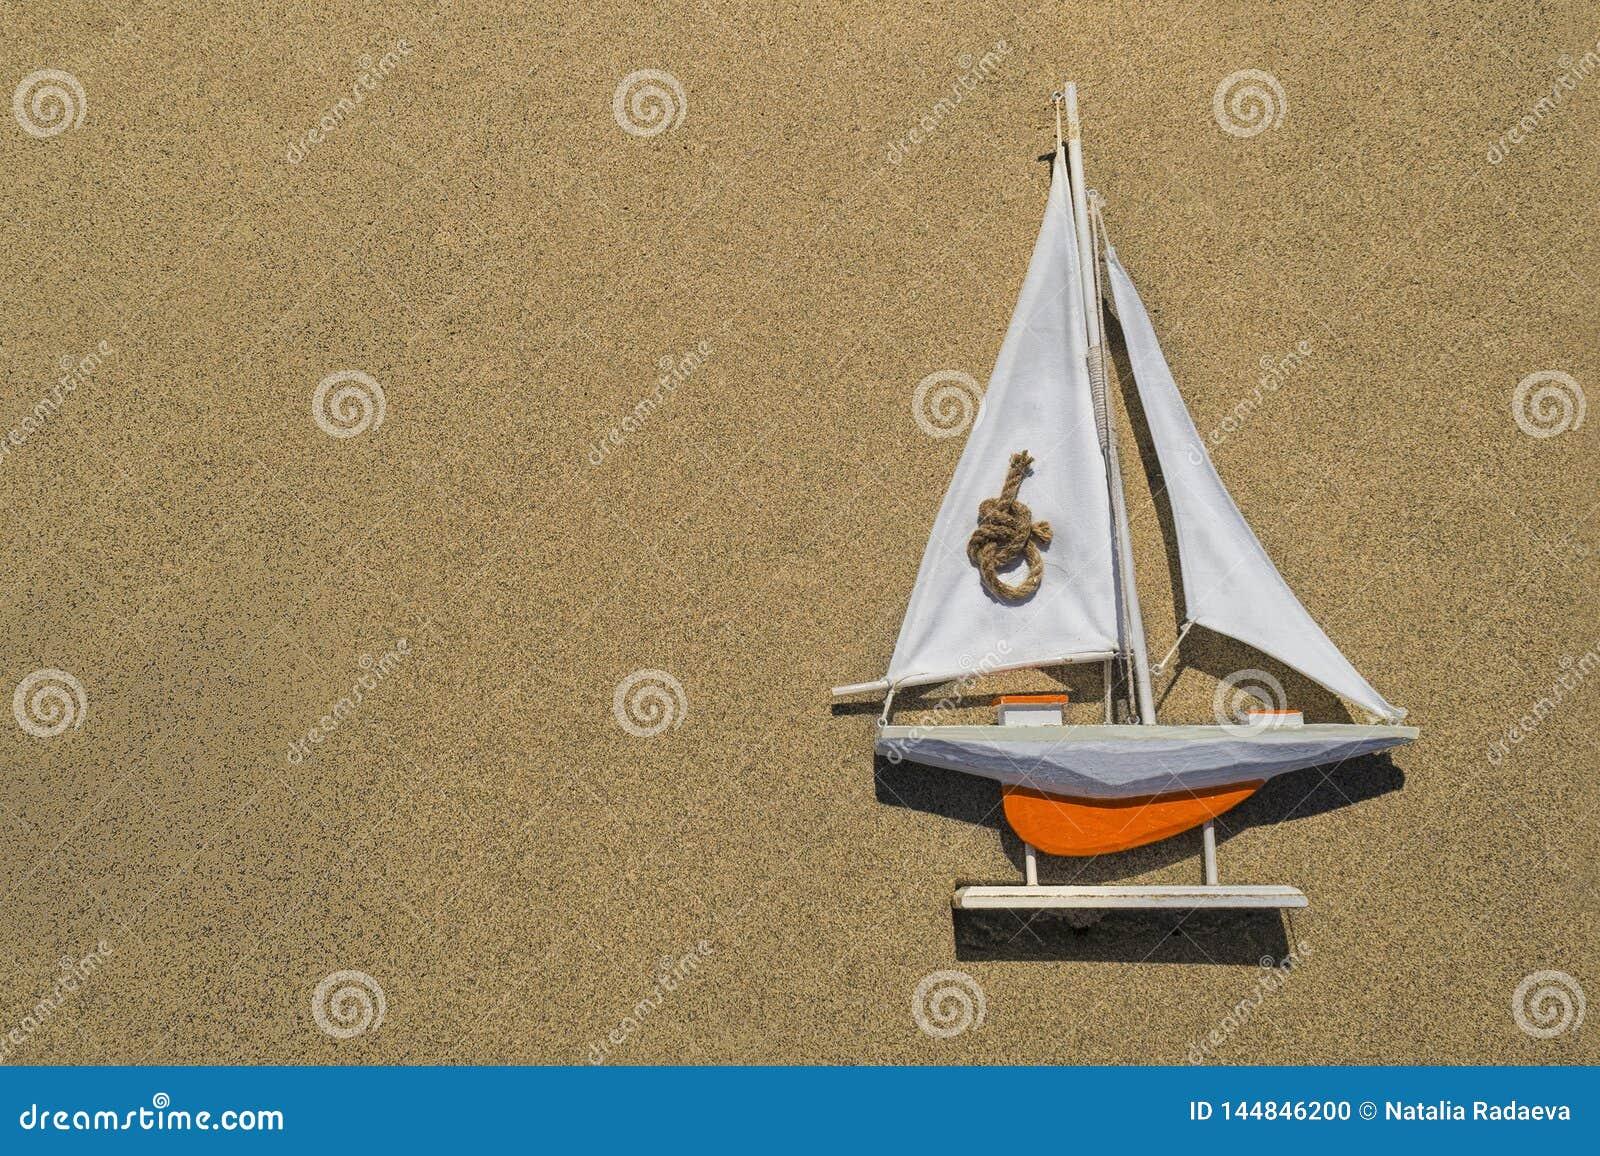 Een stuk speelgoed oranje schip met een wit zeil ligt op het geweven zand op het recht